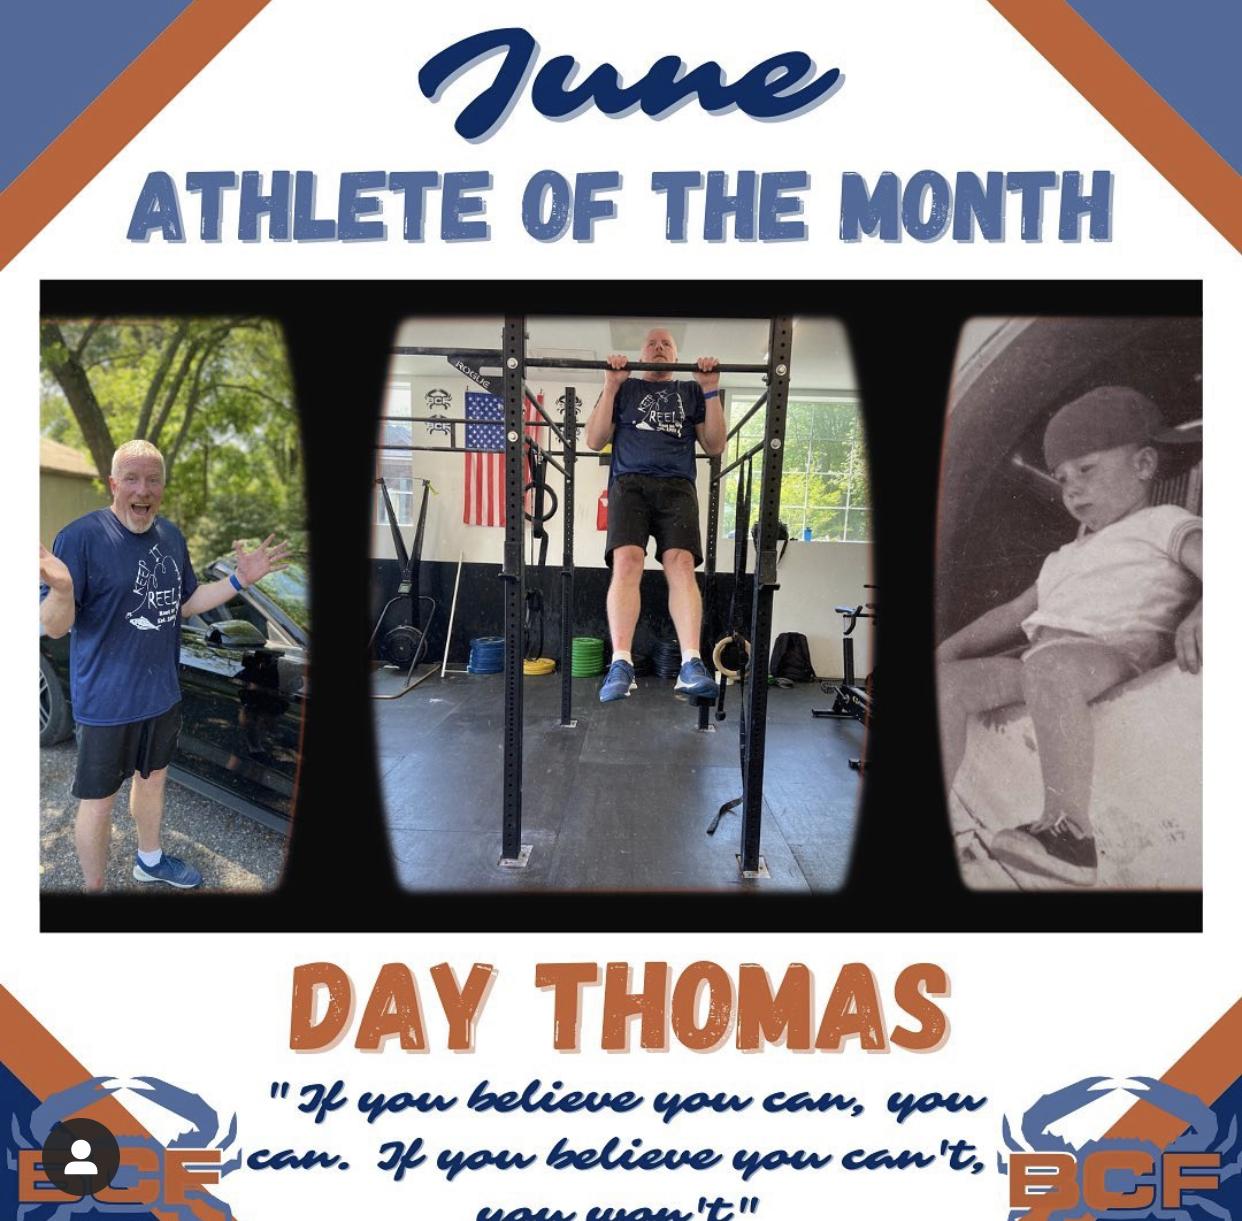 Day Thomass success story